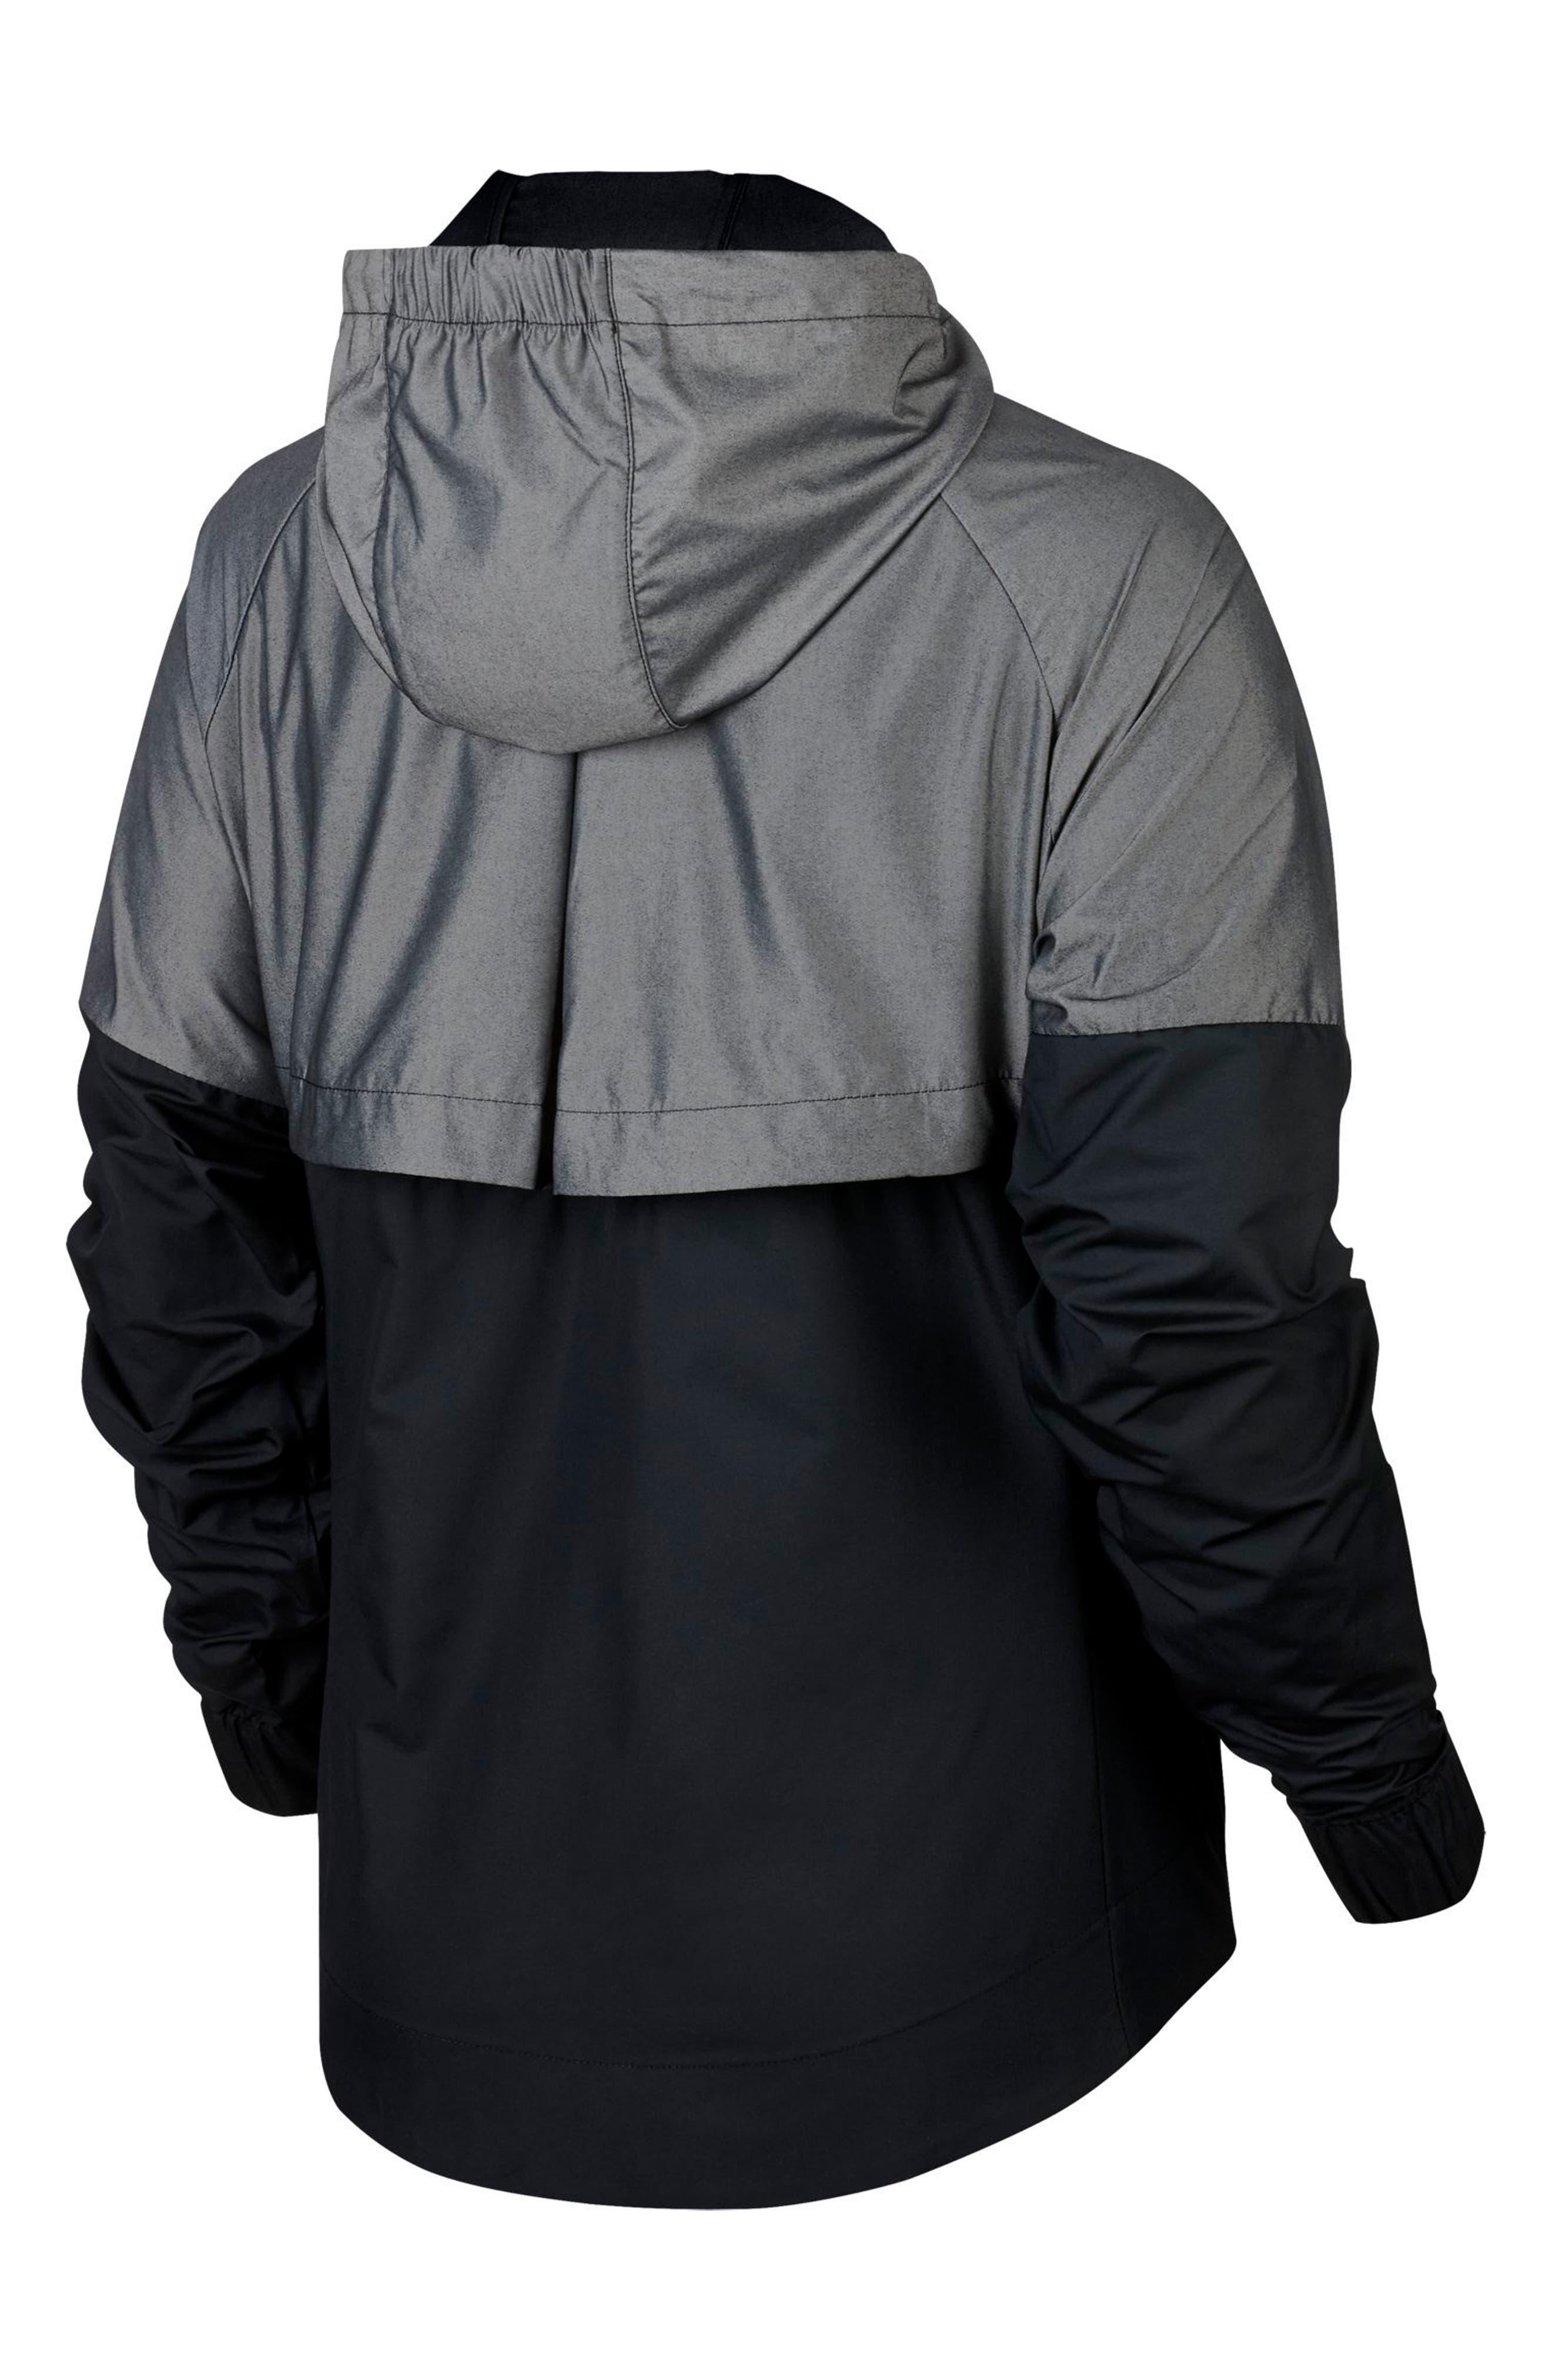 Windrunner Jacket,                             Alternate thumbnail 6, color,                             010